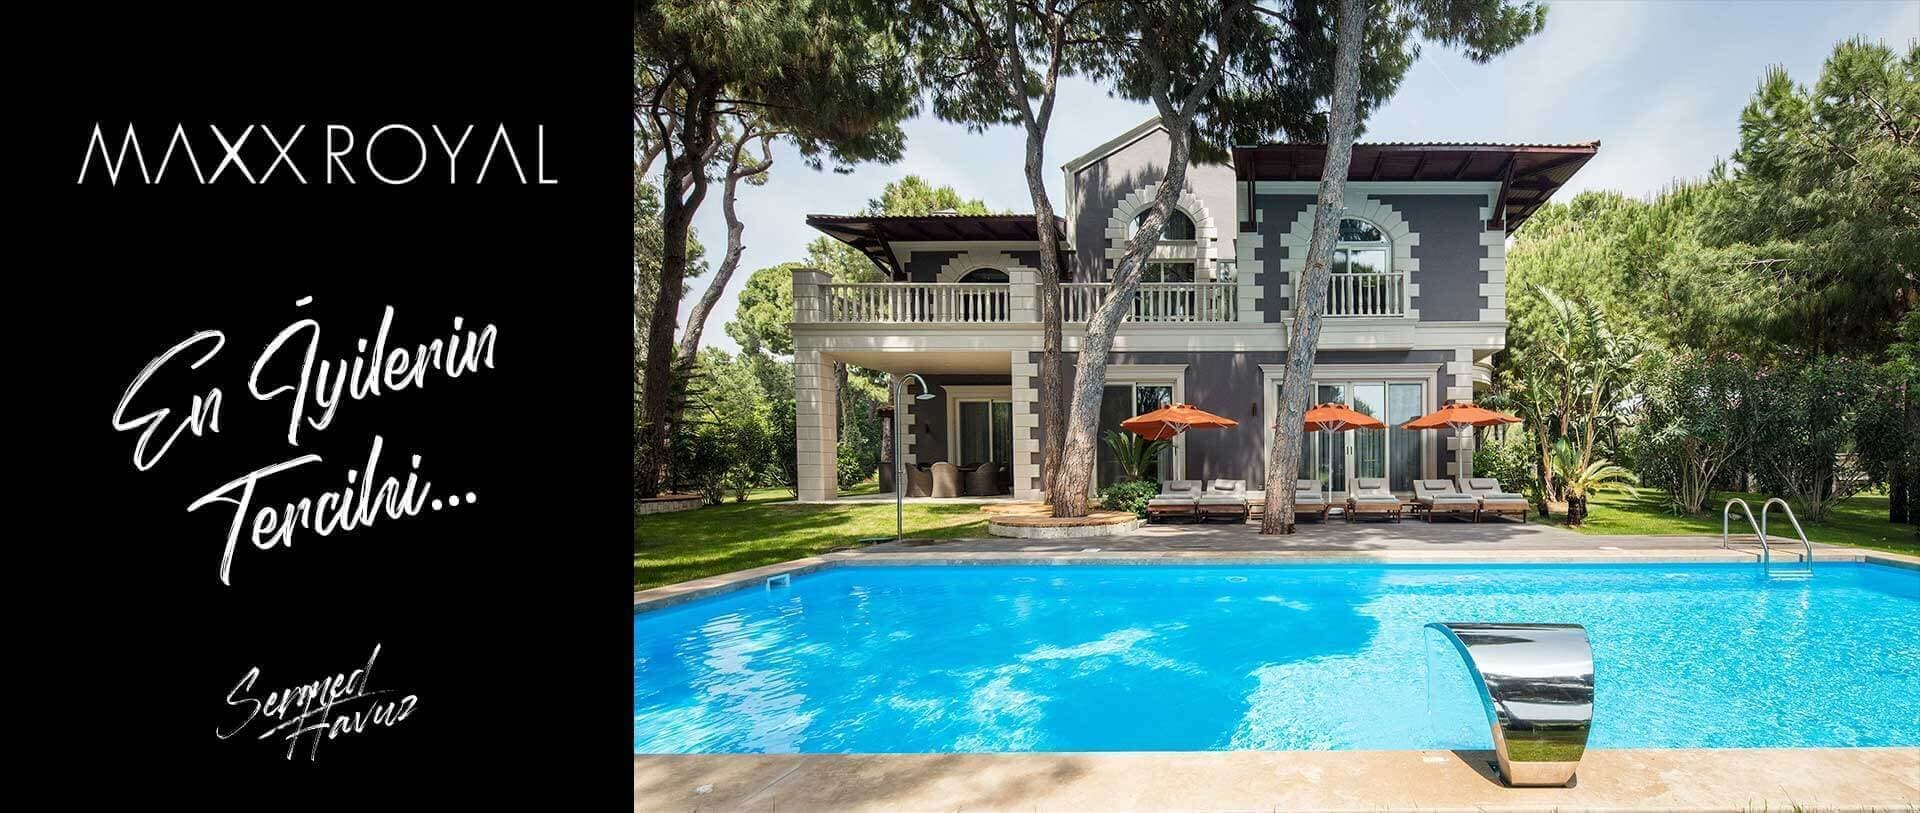 Maxx royal isimli sermed havuz firması tarafından yapılan prefabrik havuz resmi